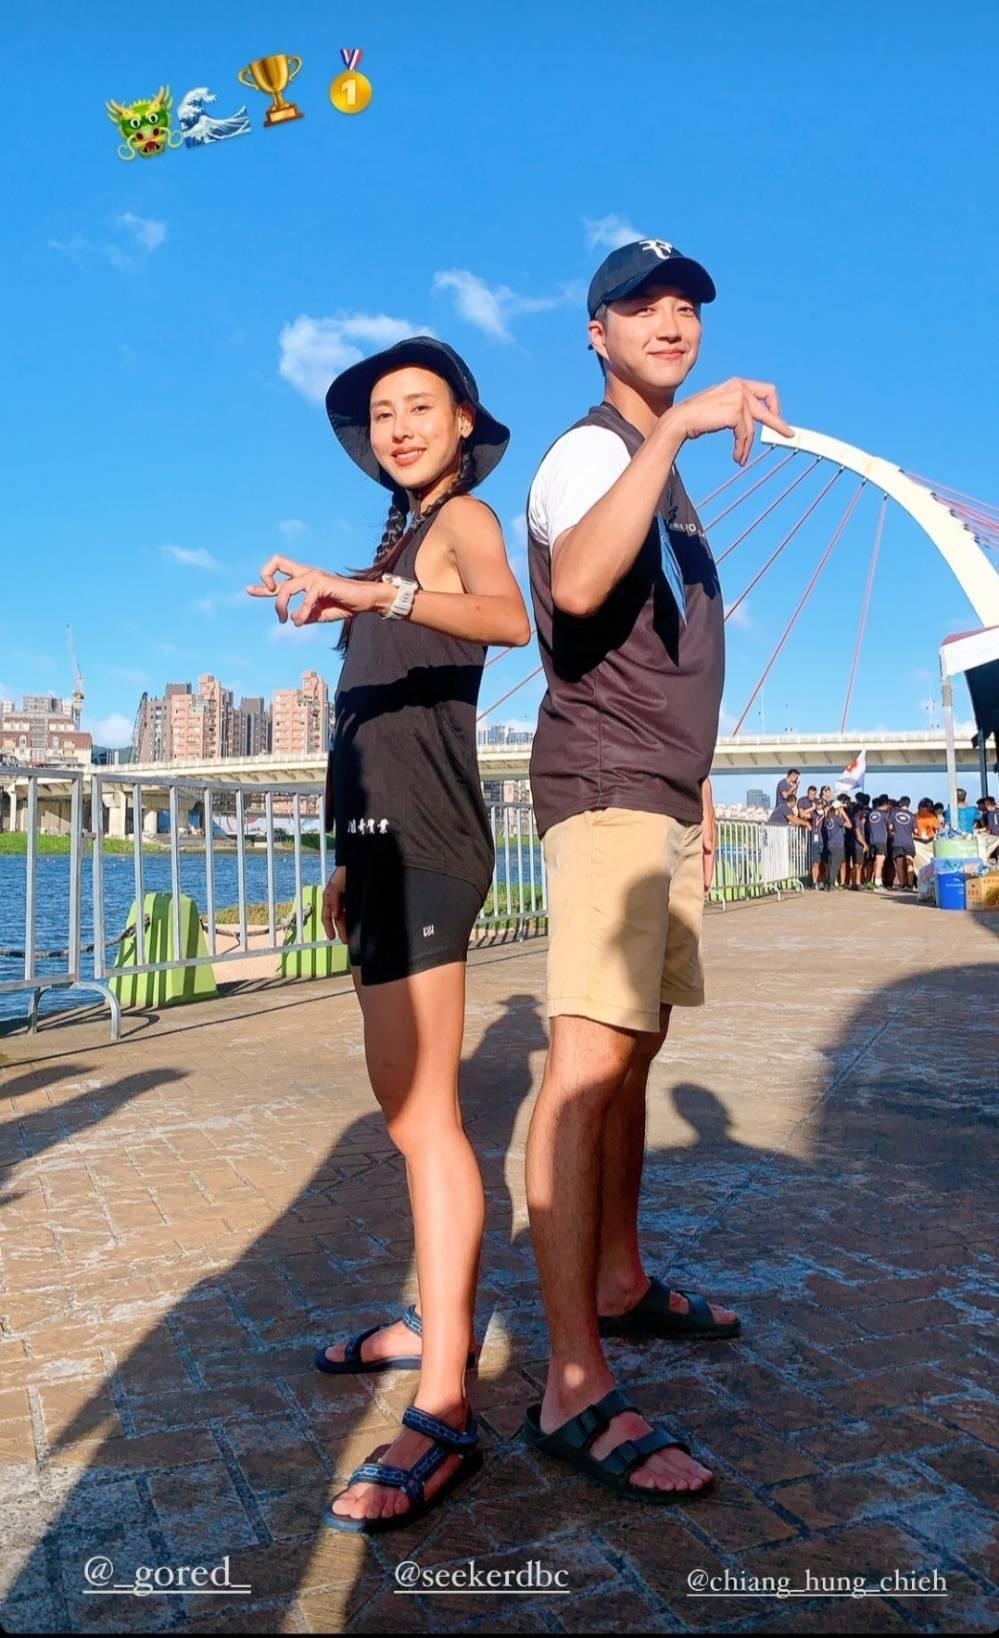 房思瑜和江宏傑在龍舟賽上合照打卡。圖/摘自IG